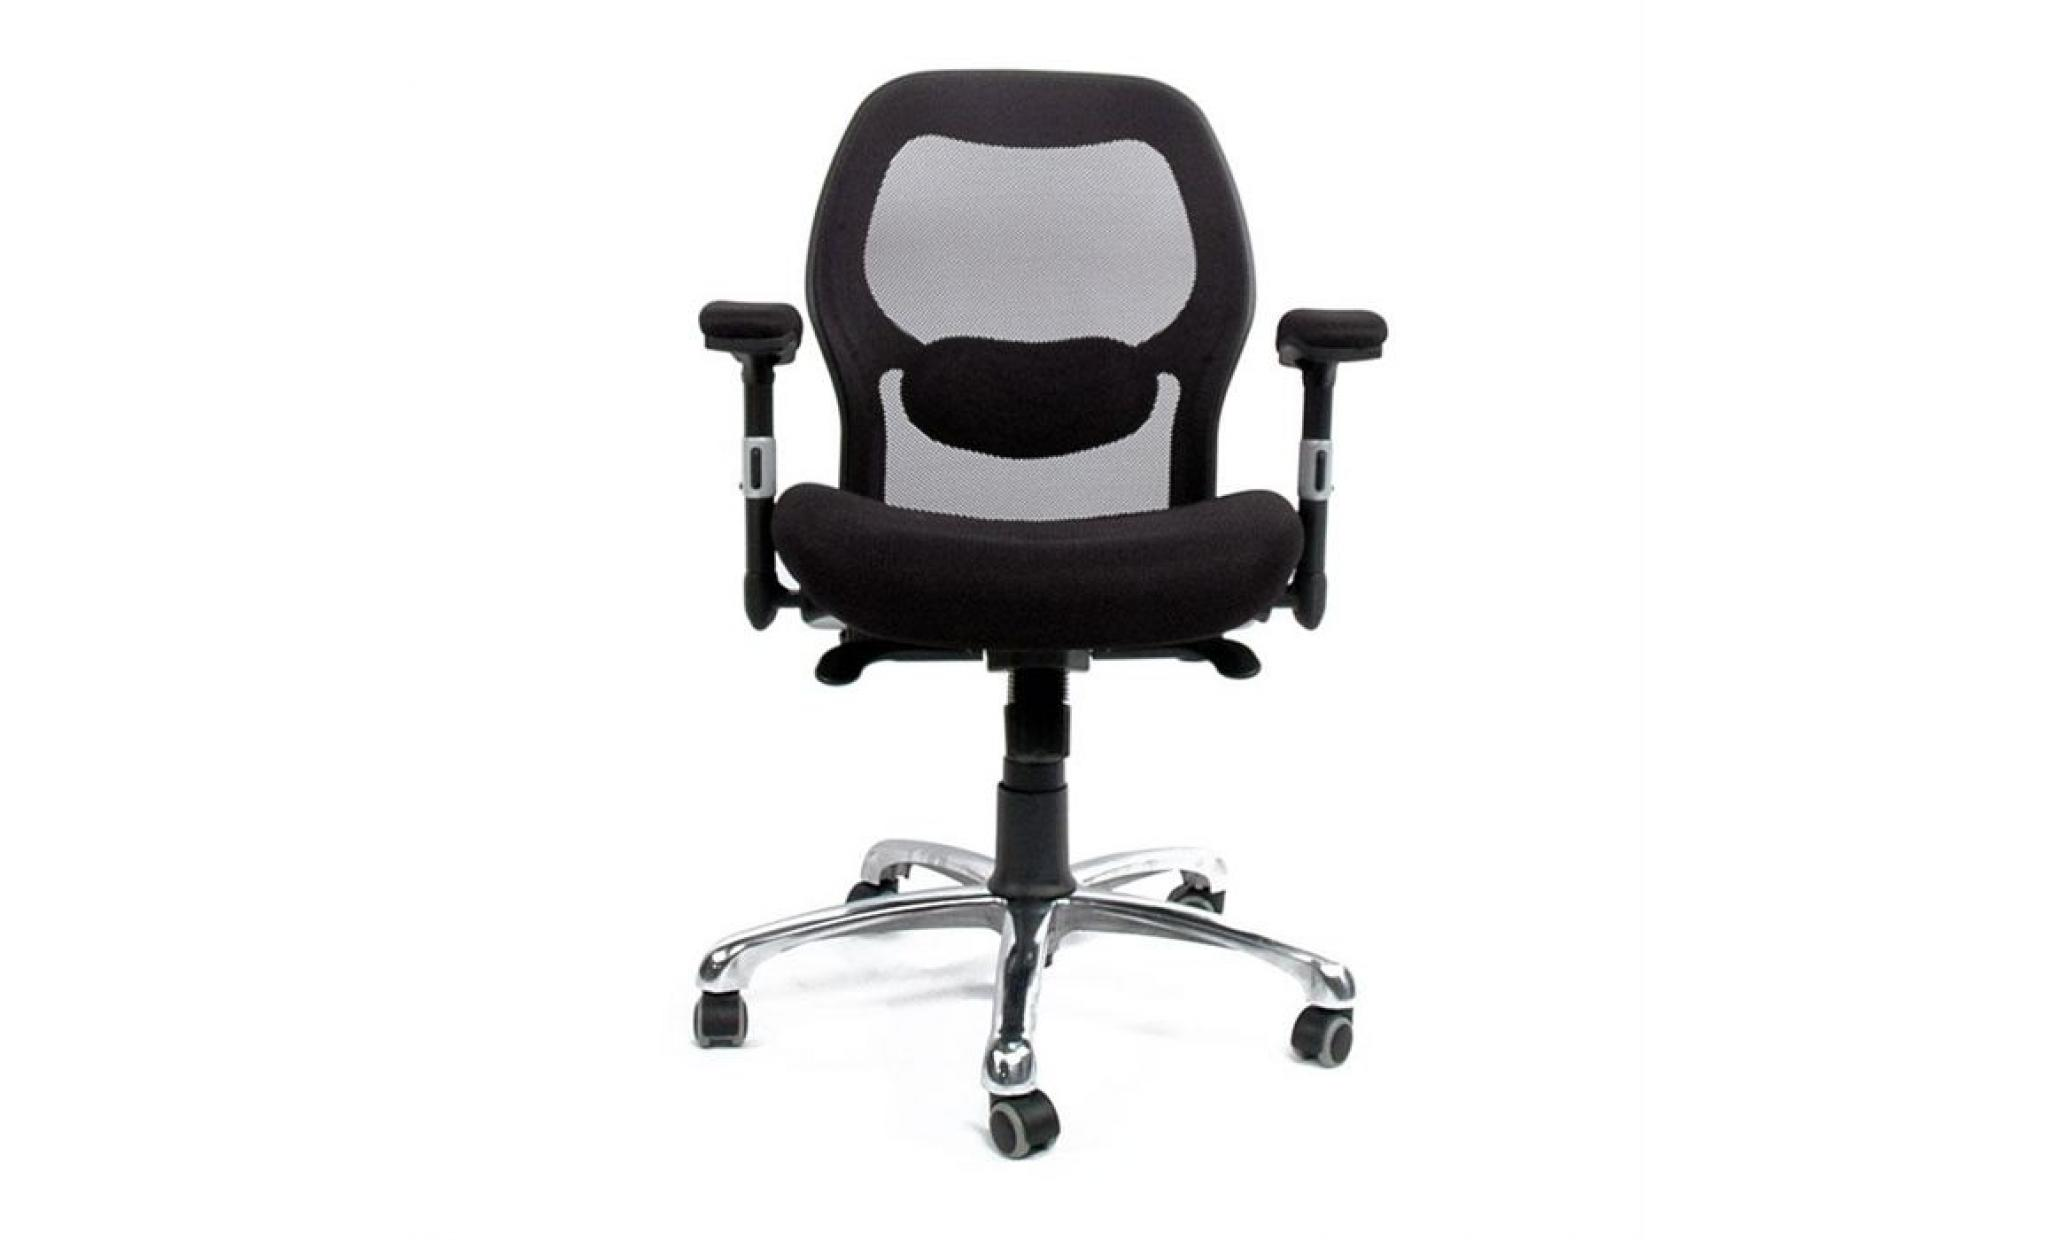 Fauteuil de bureau ergonomique ultimate v2 plus achat - Fauteuil de bureau ergonomique pas cher ...